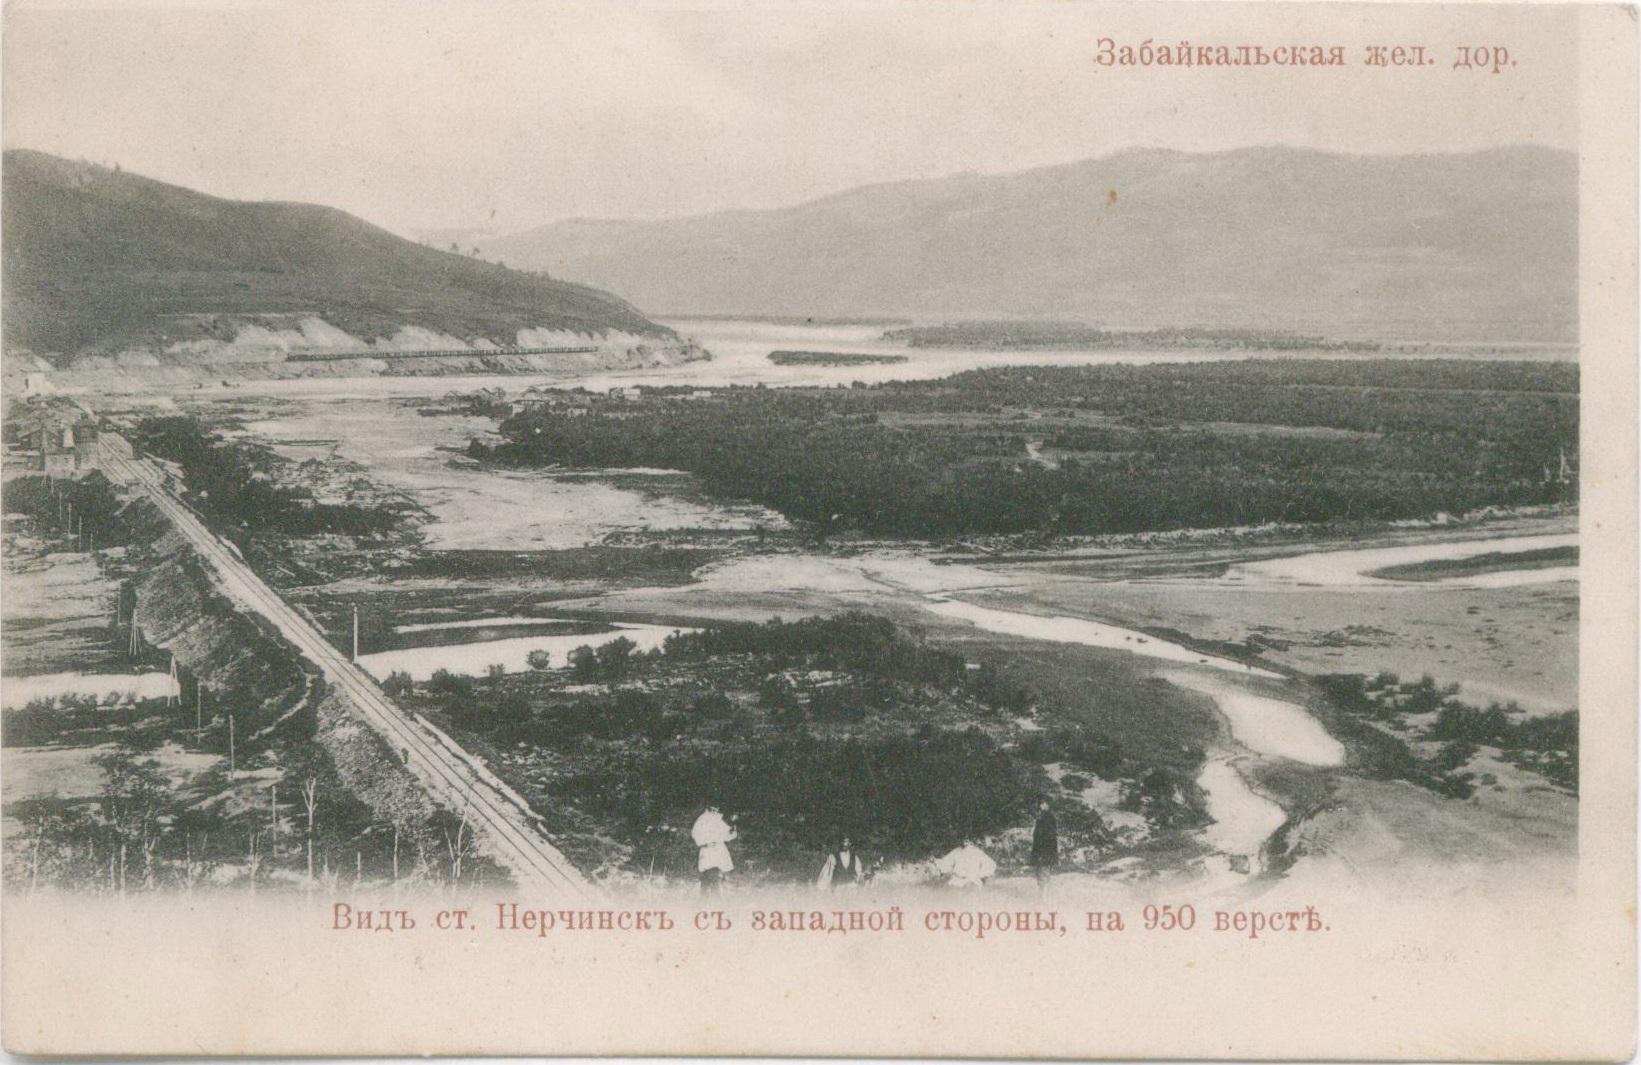 Вид станции Нерчинск с западной стороны, на 950 версте